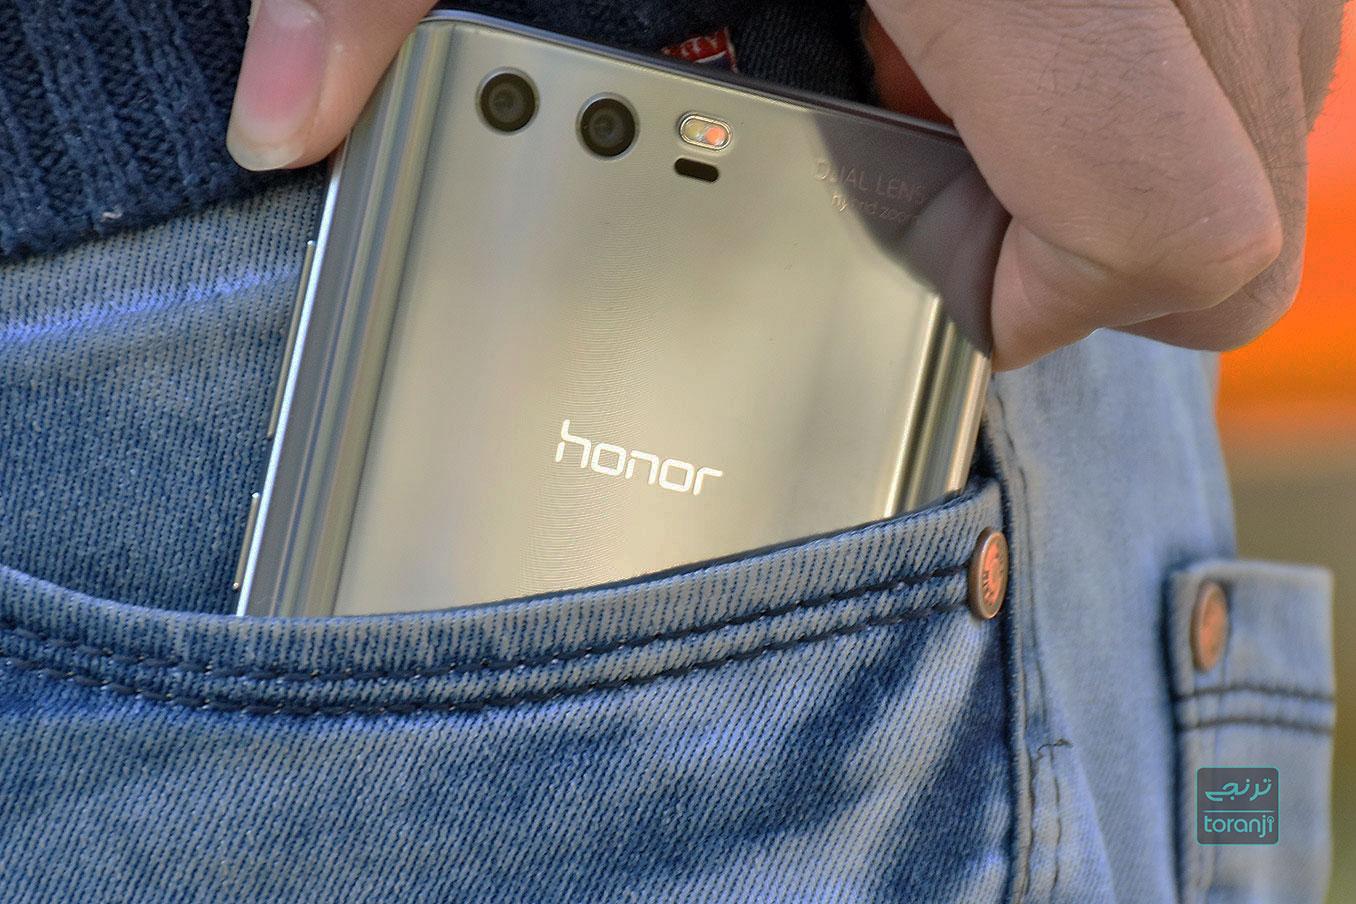 برند آنر (Honor) را بهتر بشناسیم، زیربرند موفق هوآوی در صنعت تلفن های همراه هوشمند